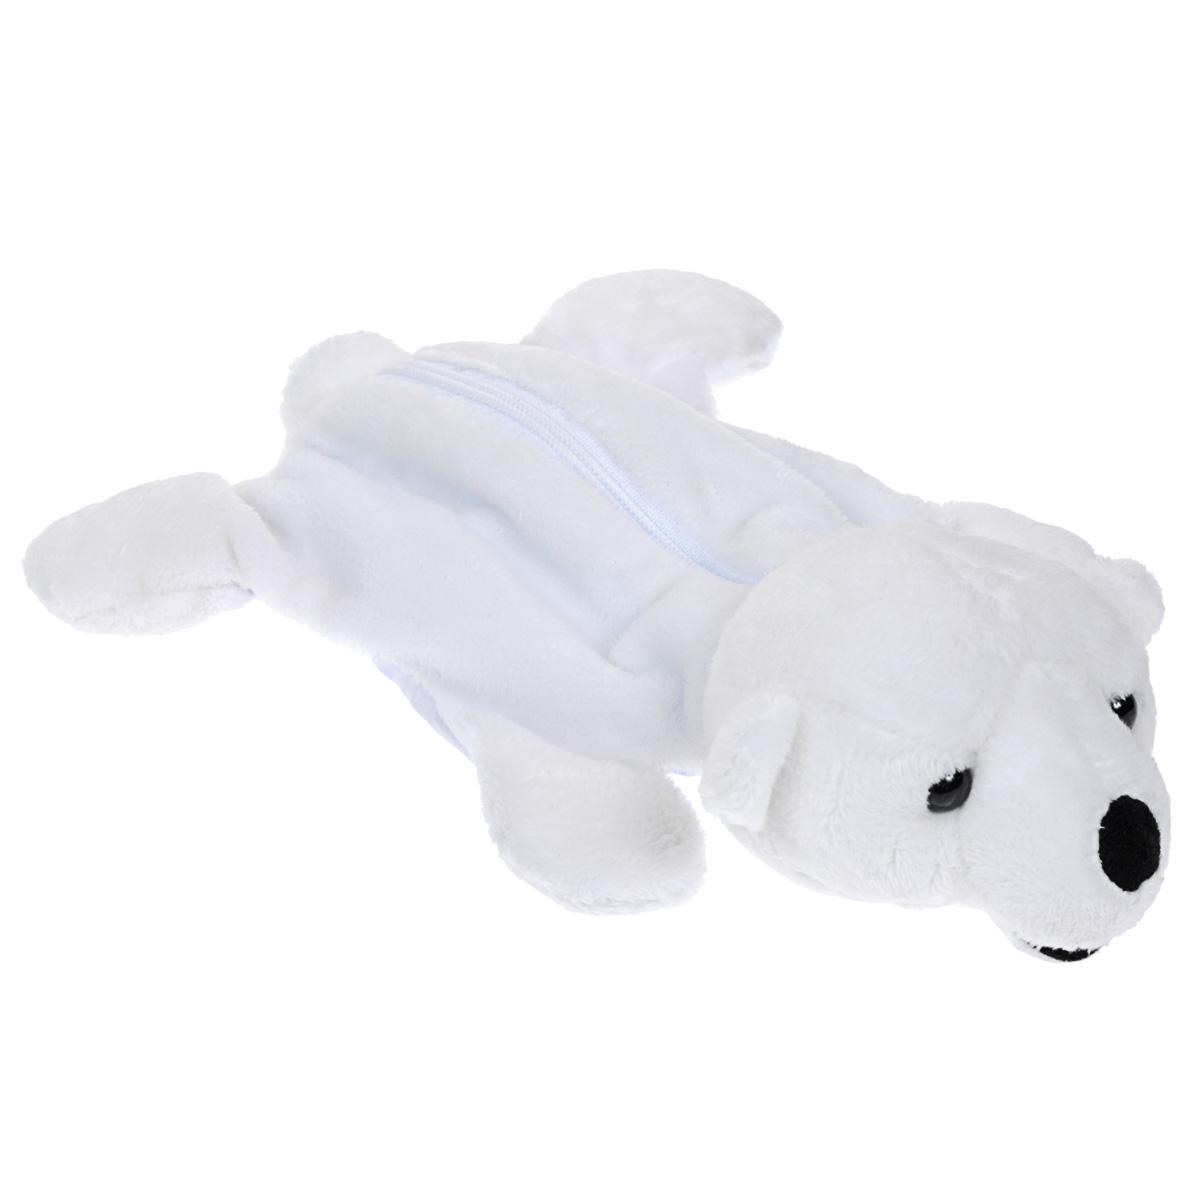 """Многоразовый гелевый компресс """"Белый медведь"""" предназначен как для охлаждающих, так и для тепловых процедур. Просто охладите или нагрейте пакет со специальным гелем и вложите его в чехол. Гель выдерживает глубокое замораживание. Чехол выполнен в виде симпатичного мягкого белого мишки с пластиковыми глазками, который привлечет внимание малыша, а используемые при его набивке специальные гранулы помогут ребенку развить мелкую моторику рук."""